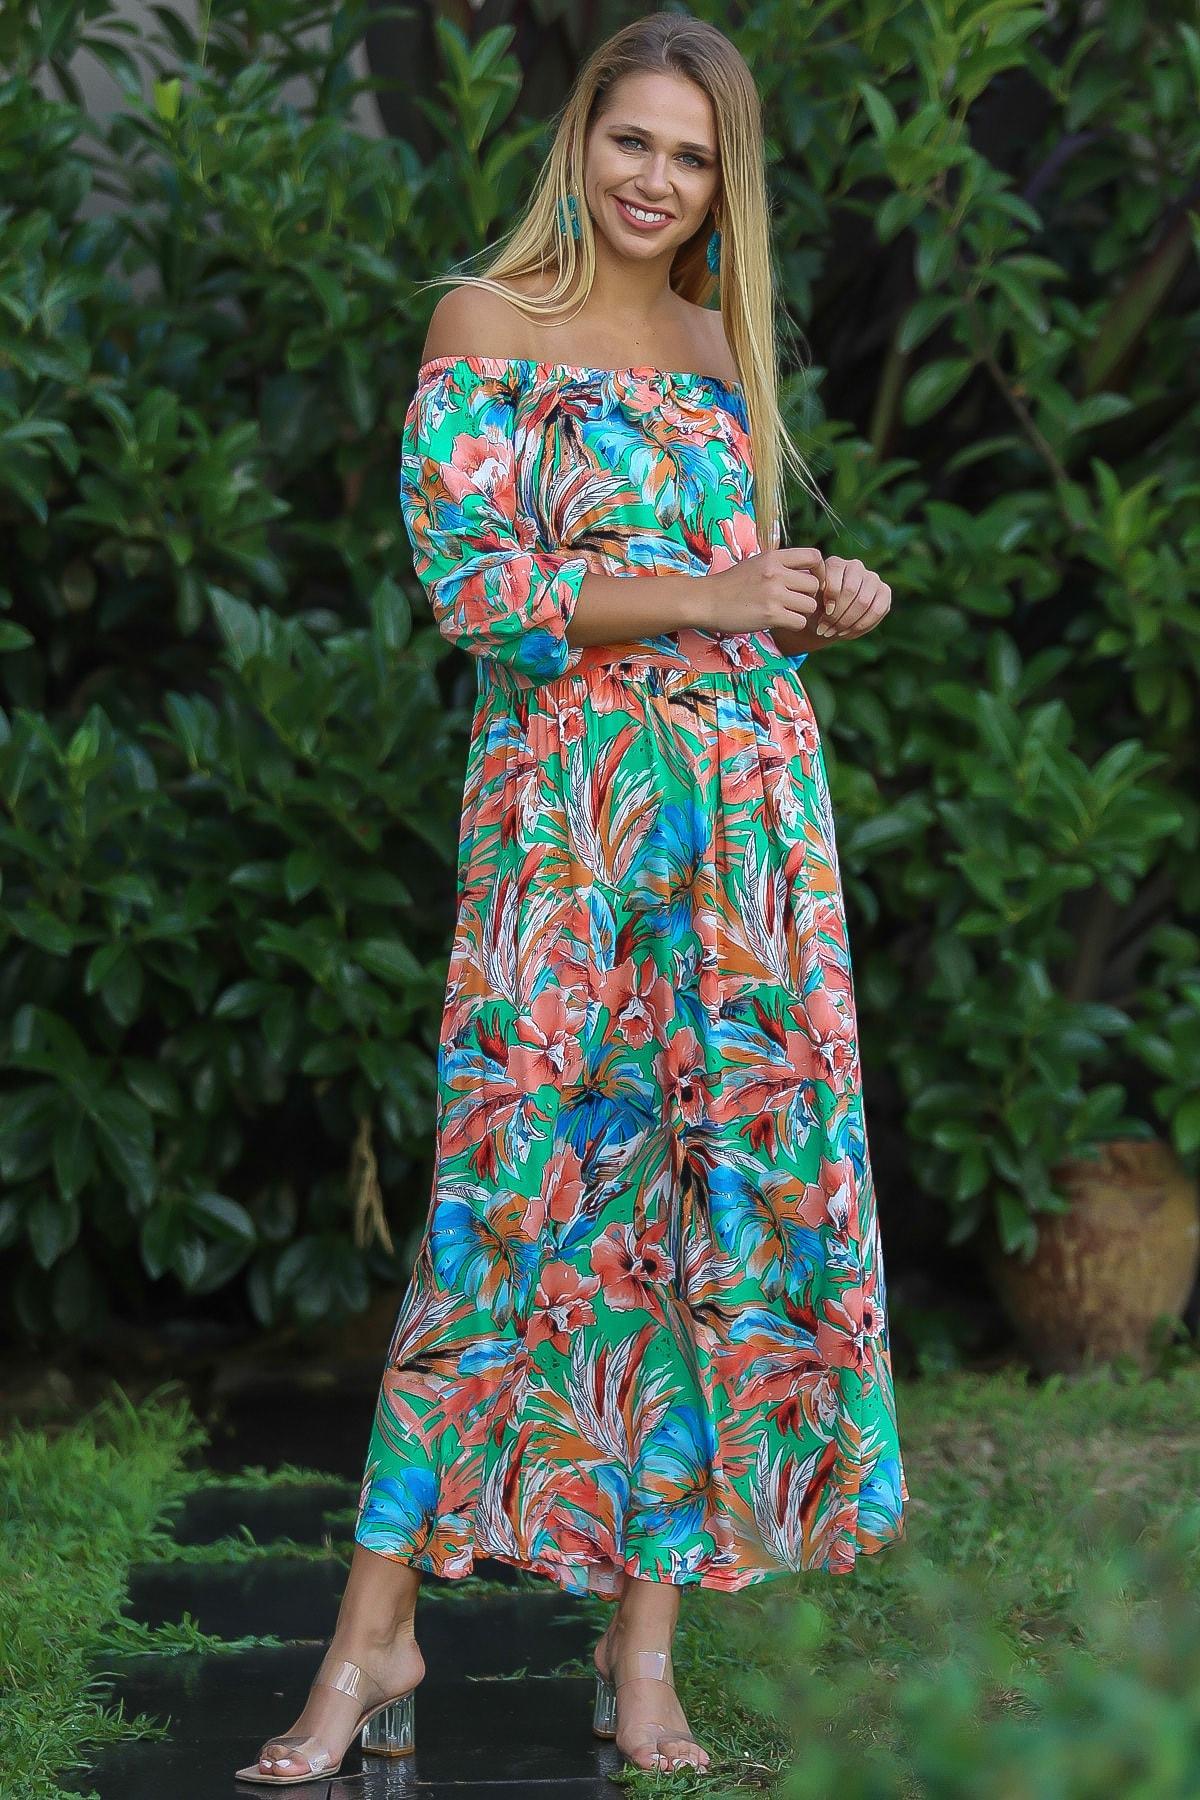 Chiccy Kadın Yeşil Bohem Carmen Yaka Sırtı Fermuar Detaylı Yırtmaçlı Uzun Elbise M10160000El96499 3